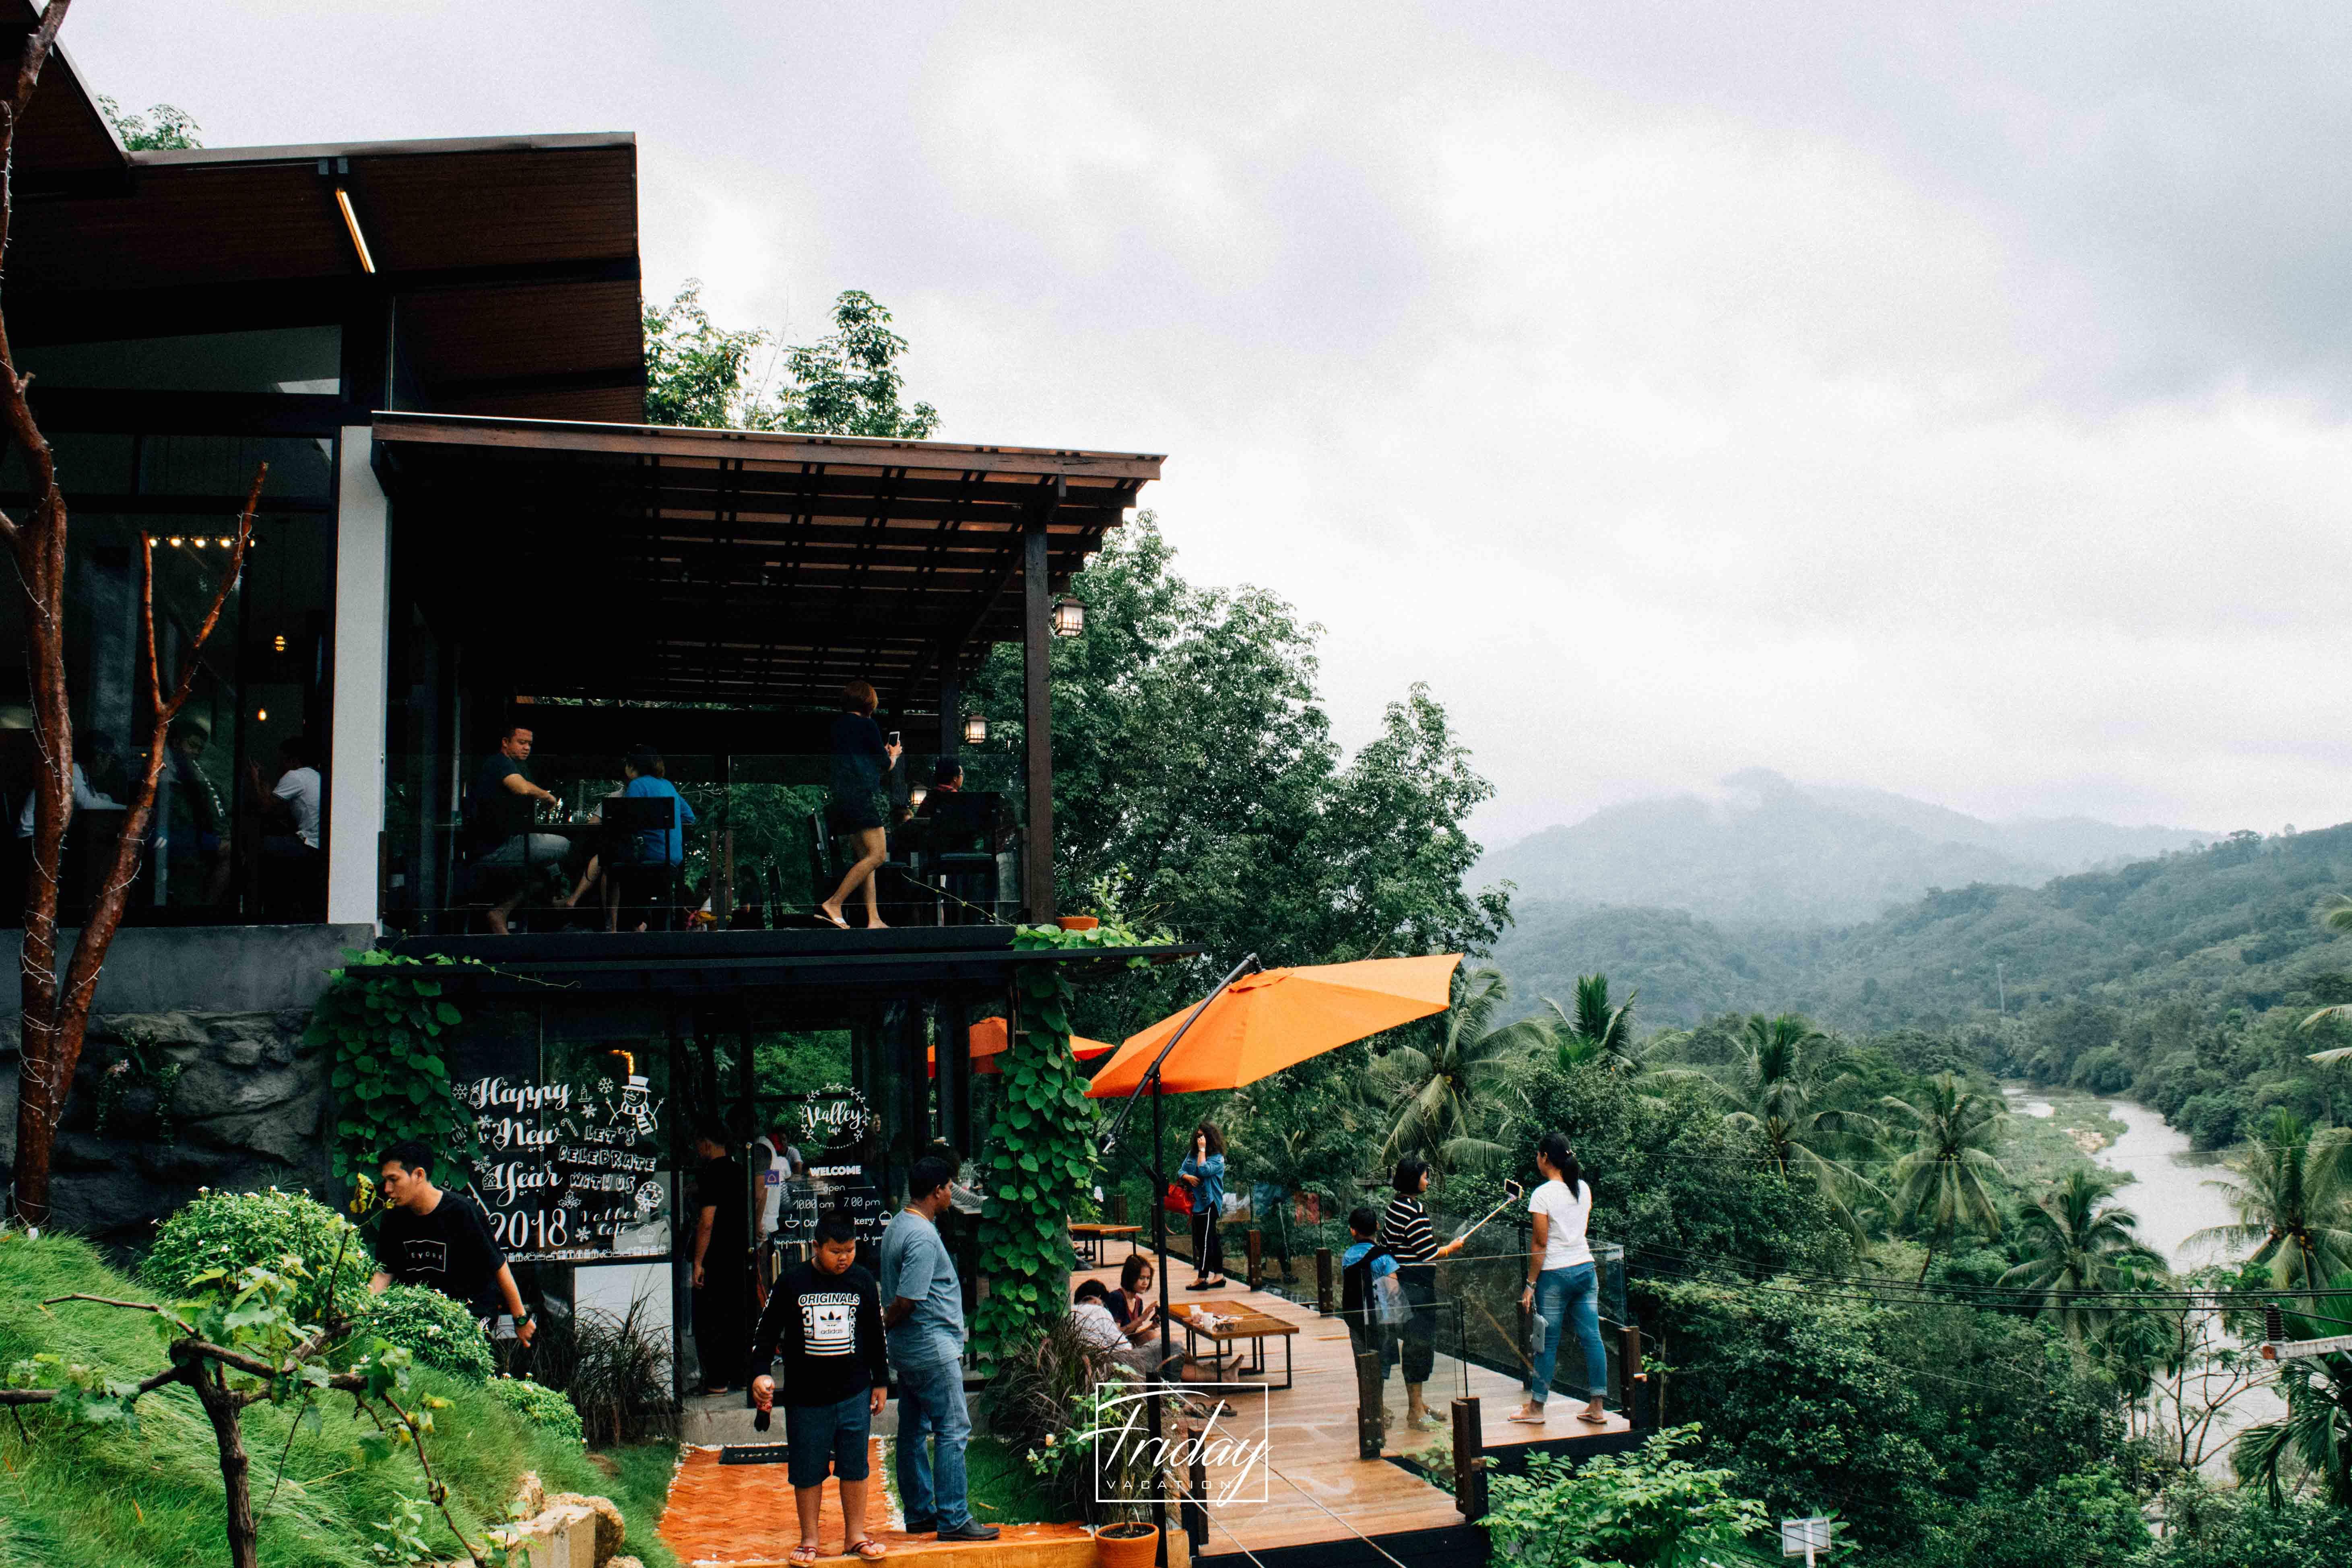 The Kiriwong valley ร้านกาแฟวิวหลักล้านแห่งหมู่บ้านคีรีวง นครศรีดีย์